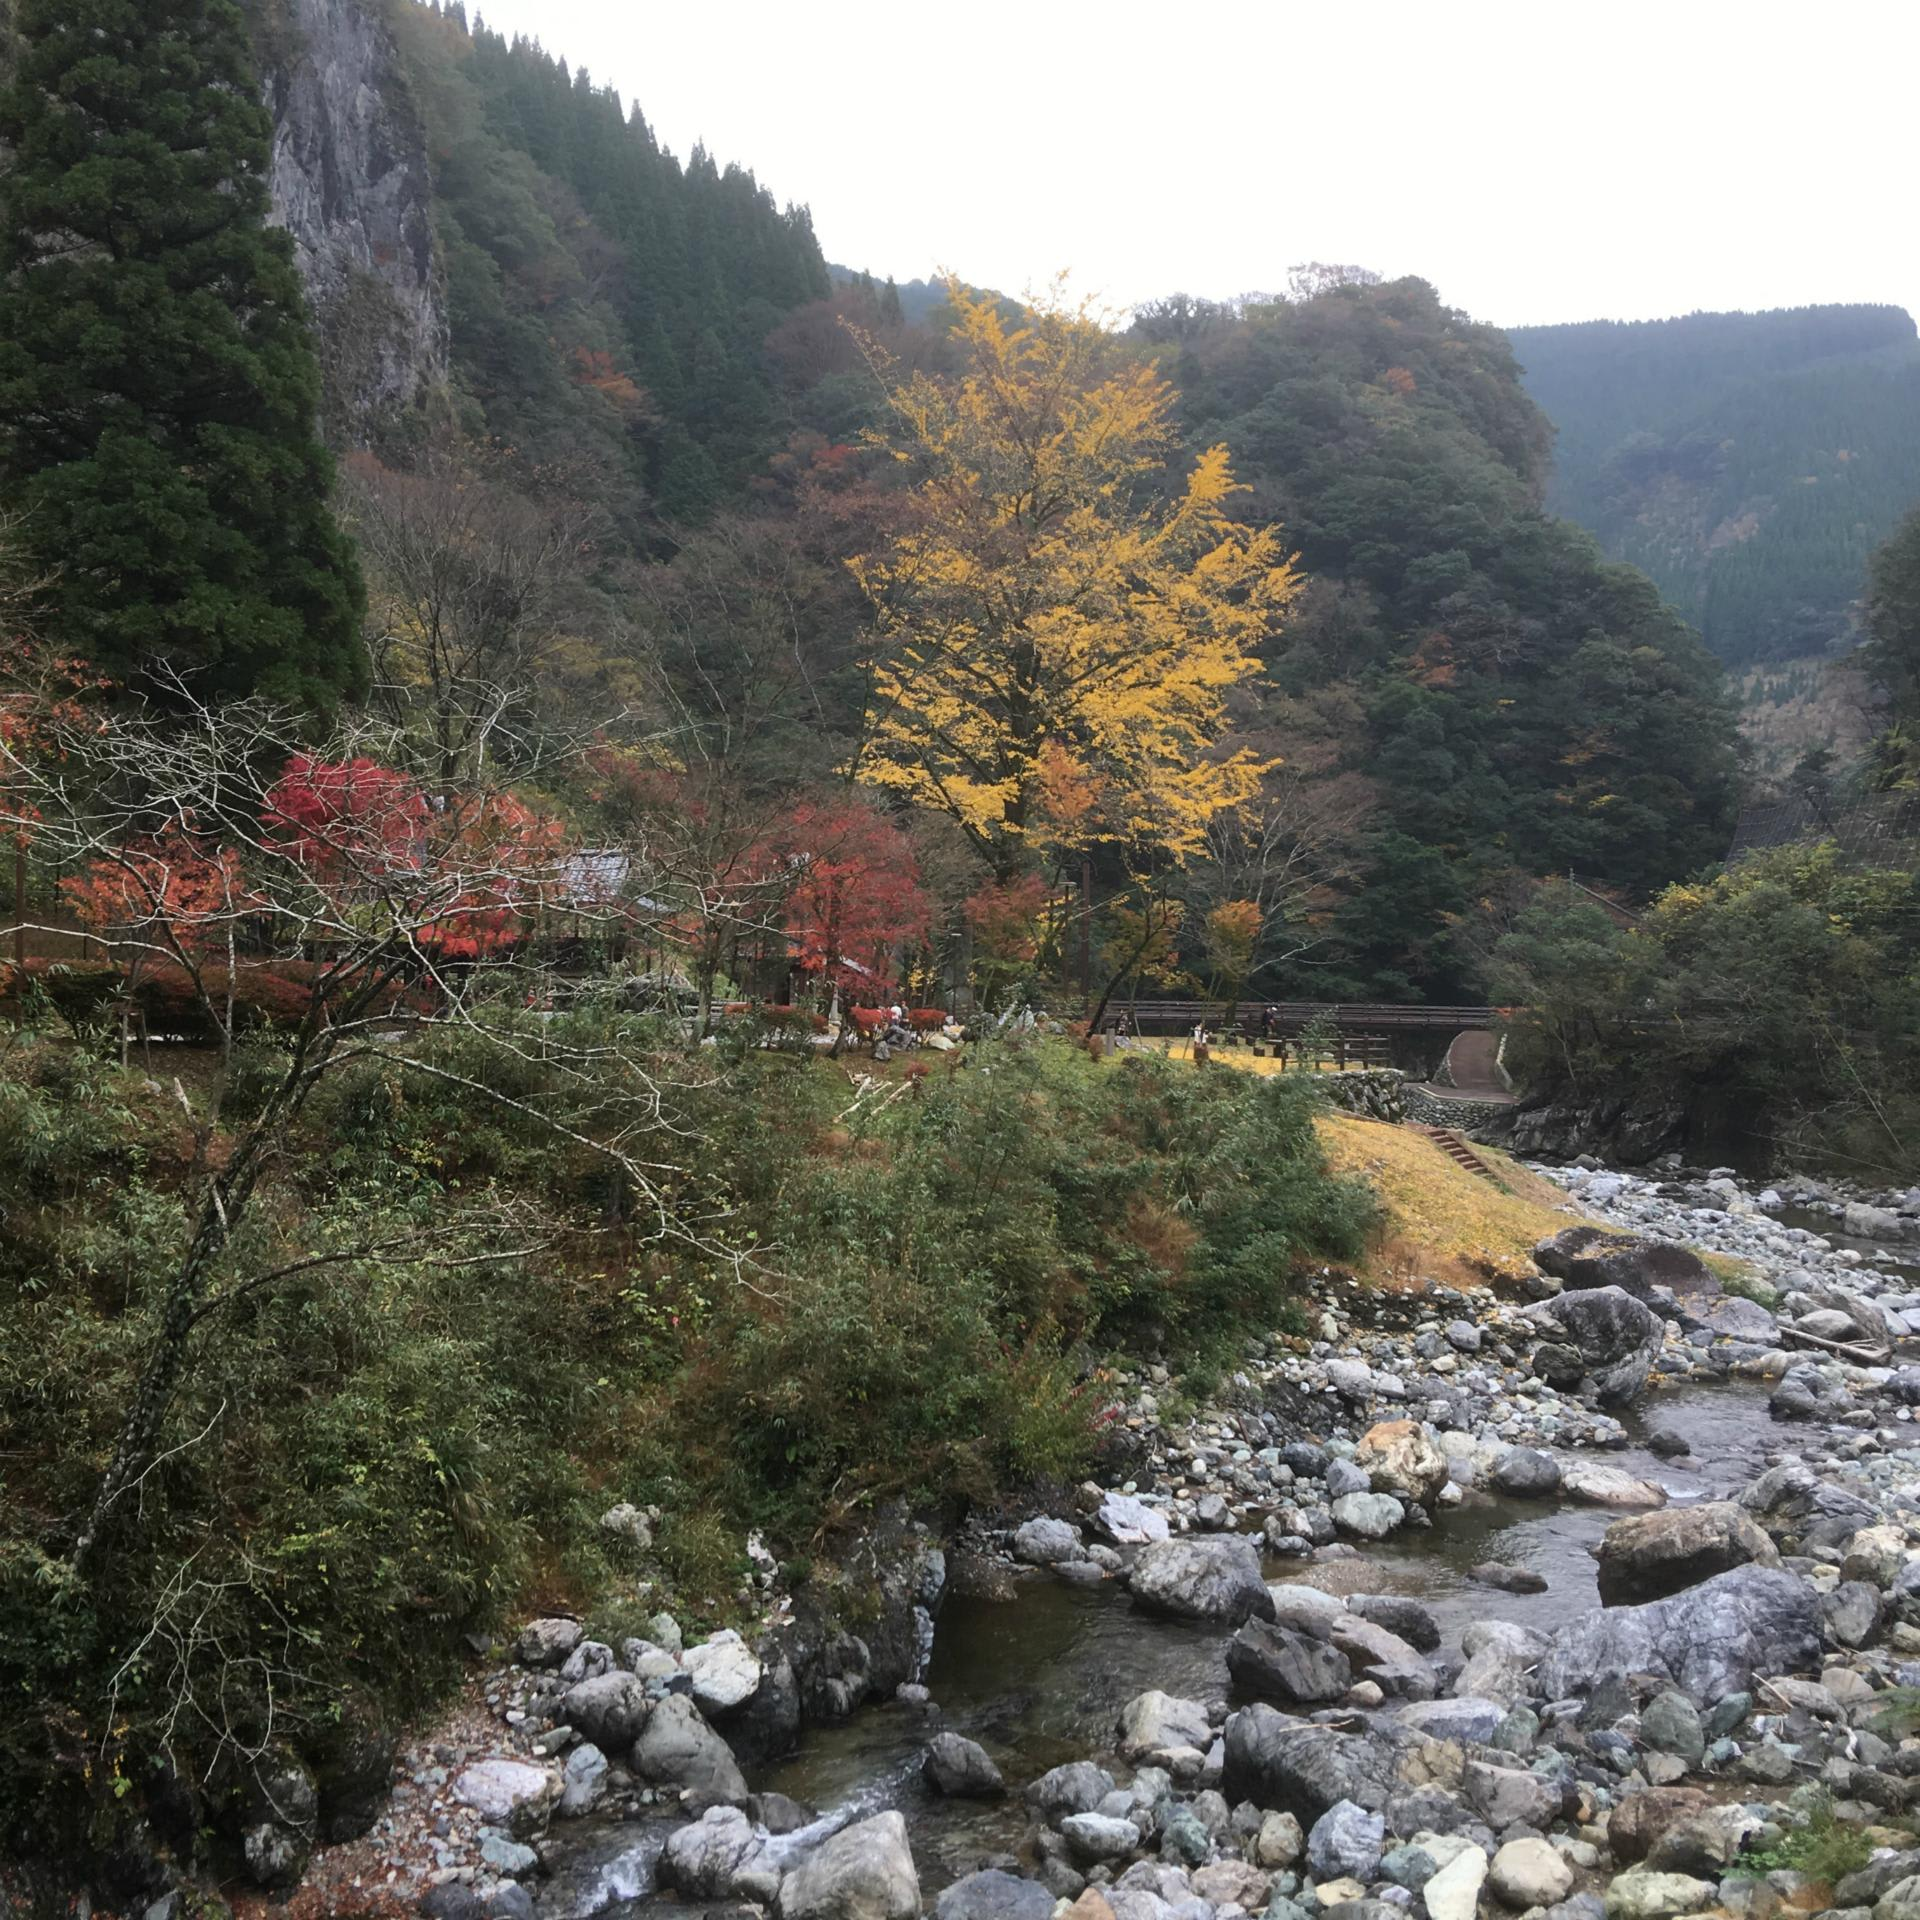 熊本県球磨郡五木村へ行って来た、紅葉の時期は過ぎていたが ...